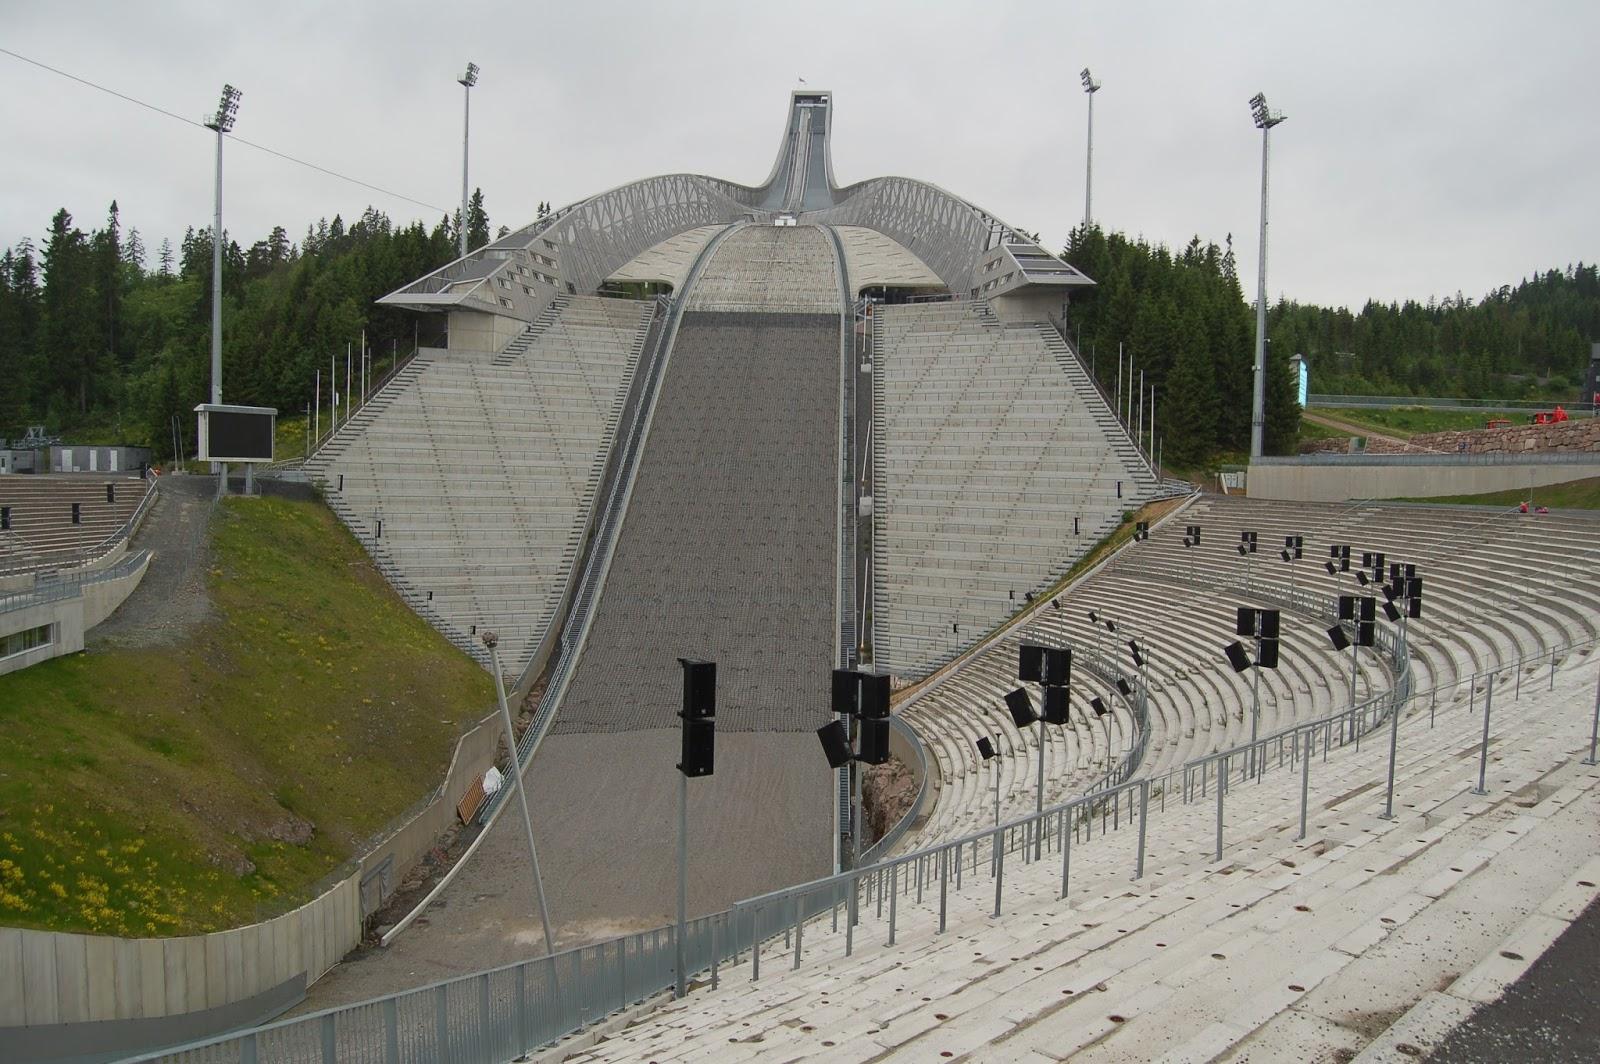 Wokół Igrzysk Olimpijskich : Gdzie ćwiczą Norweżki i Norwegowie? HOLMENKOLLEN Oslo